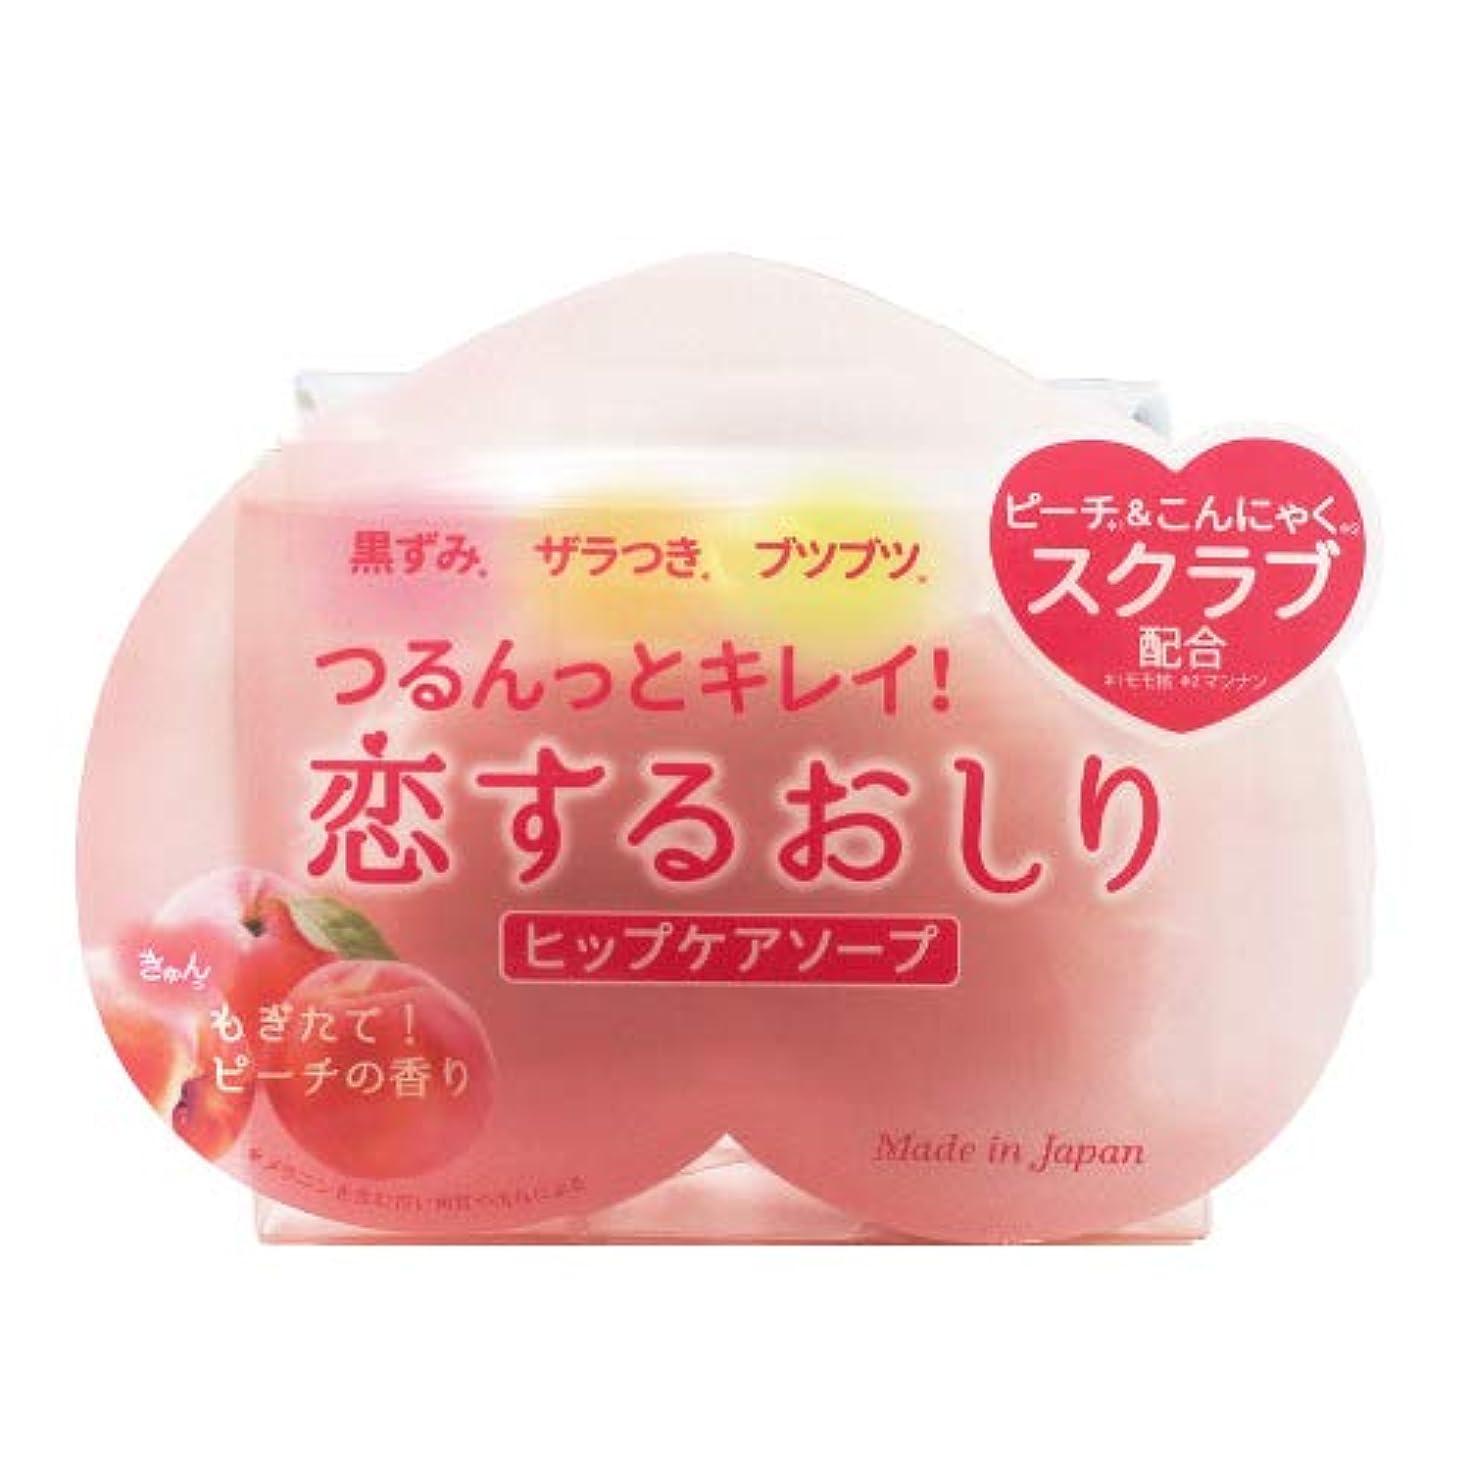 硬い遠足約束するペリカン石鹸 恋するおしり ヒップケアソープ 80g